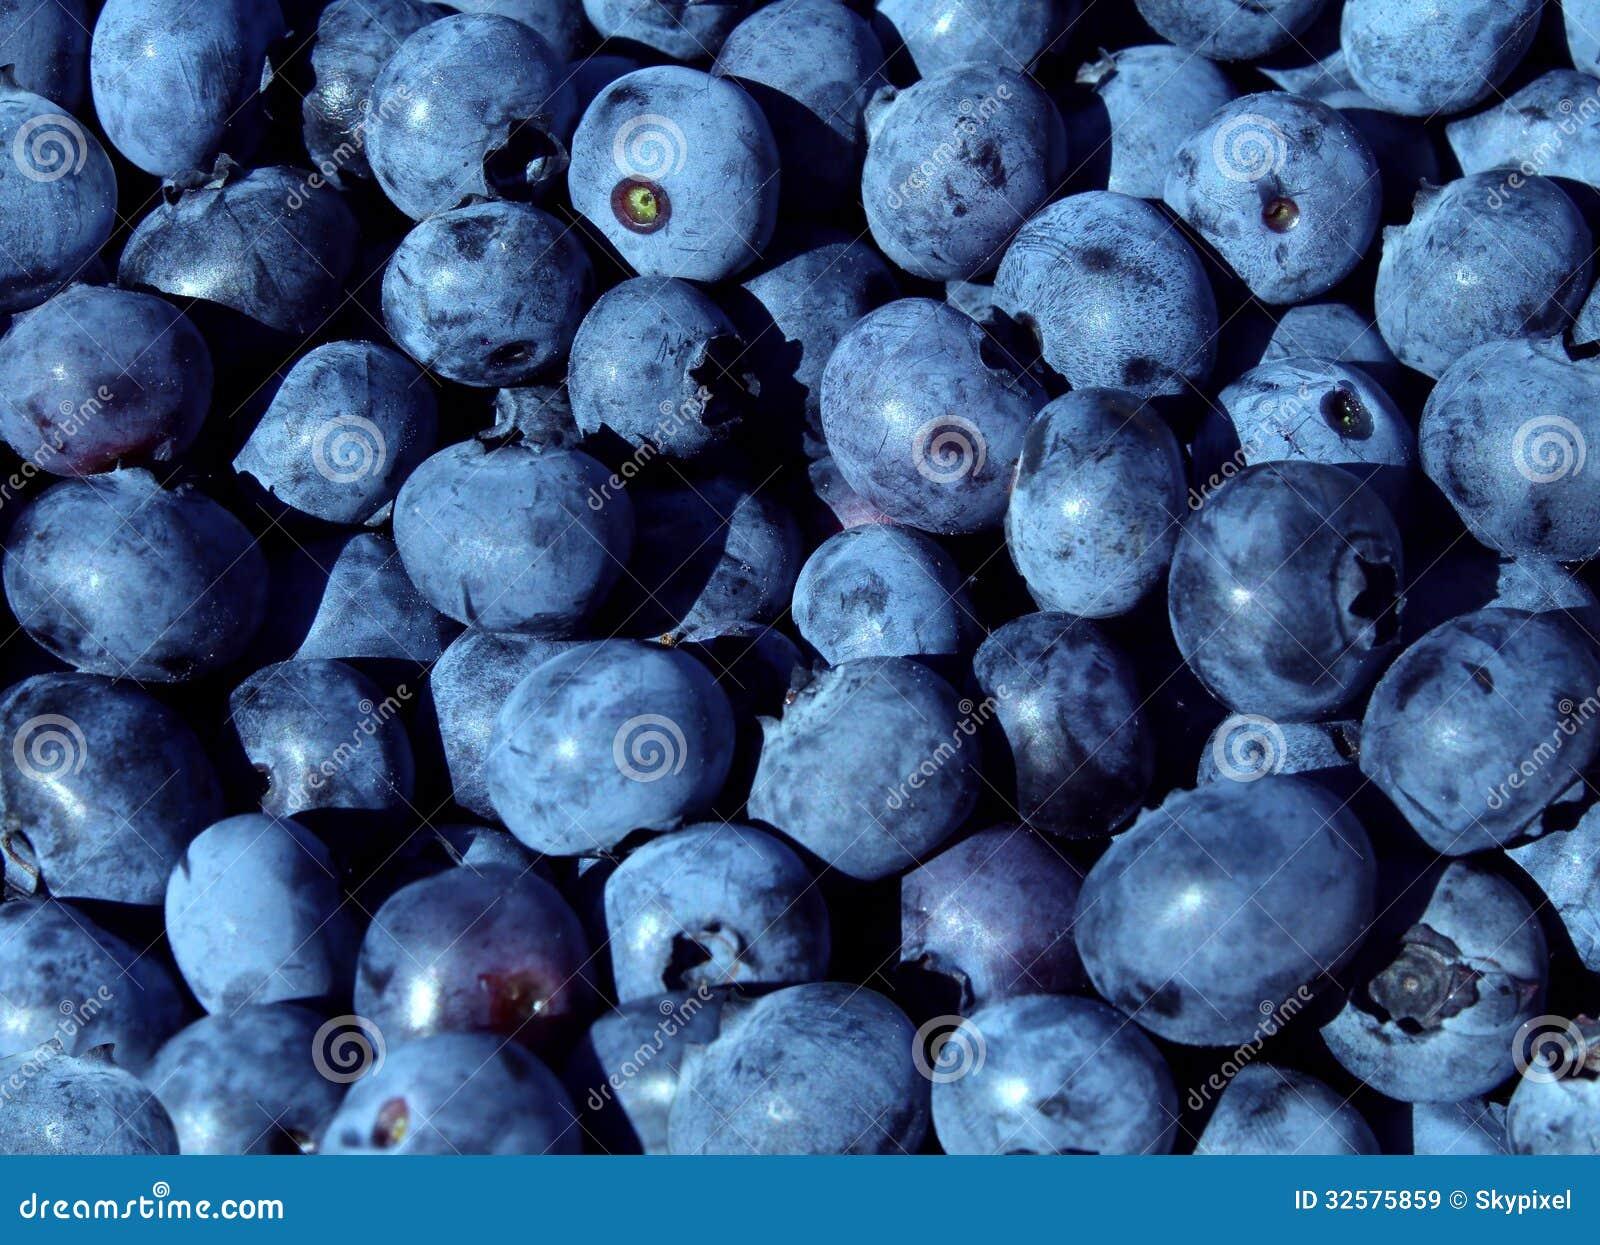 Top 7 Health Benefits of Blueberries